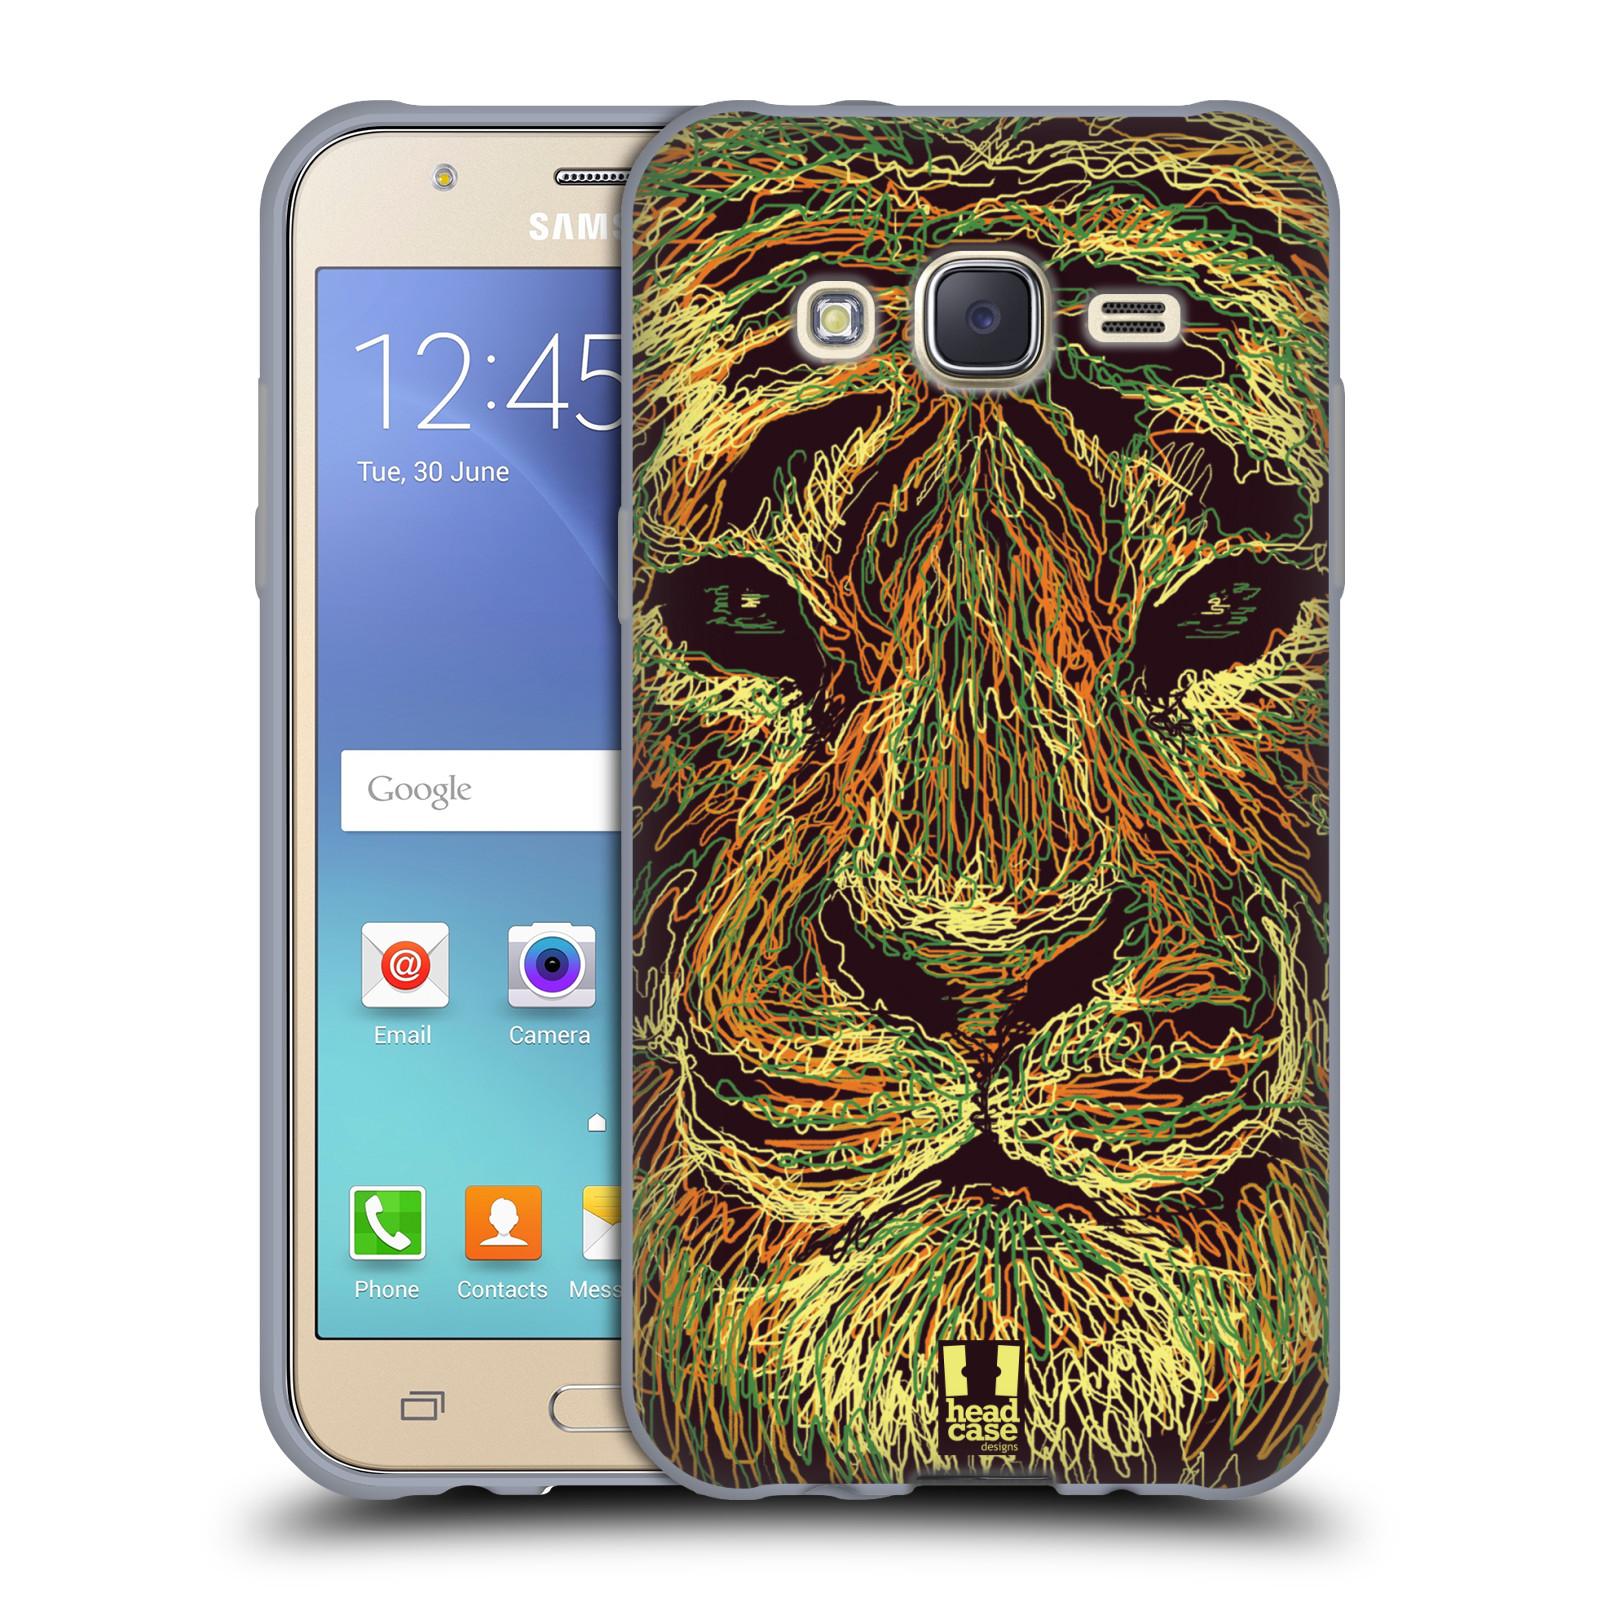 HEAD CASE silikonový obal na mobil Samsung Galaxy J5, J500, (J5 DUOS) vzor zvíře čmáranice tygr